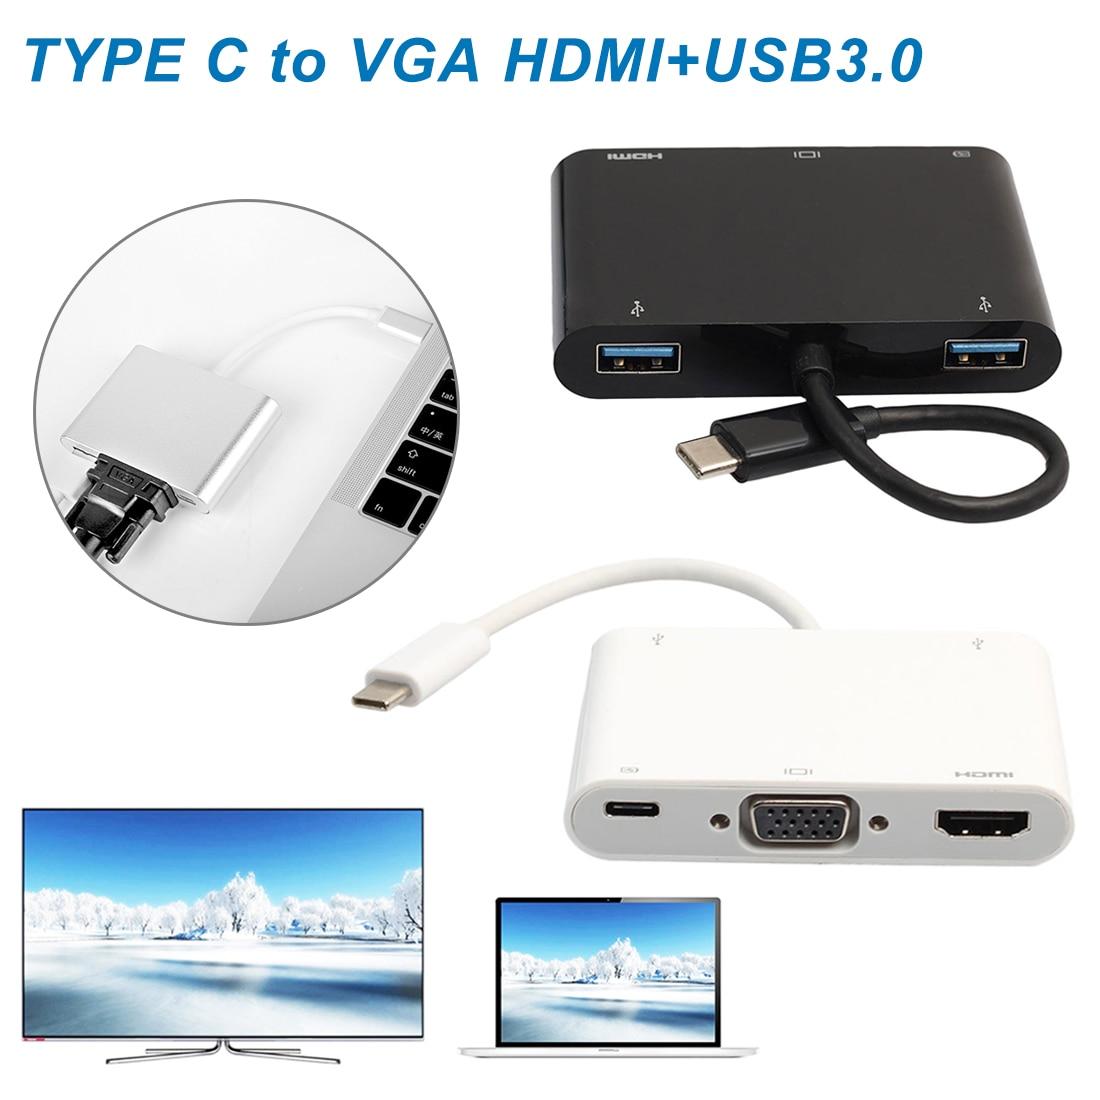 USB C адаптер HDMI VGA Тип C к HDMI VGA USB3.0 аудио конвертер 4K x 2K для ноутбука Macbook